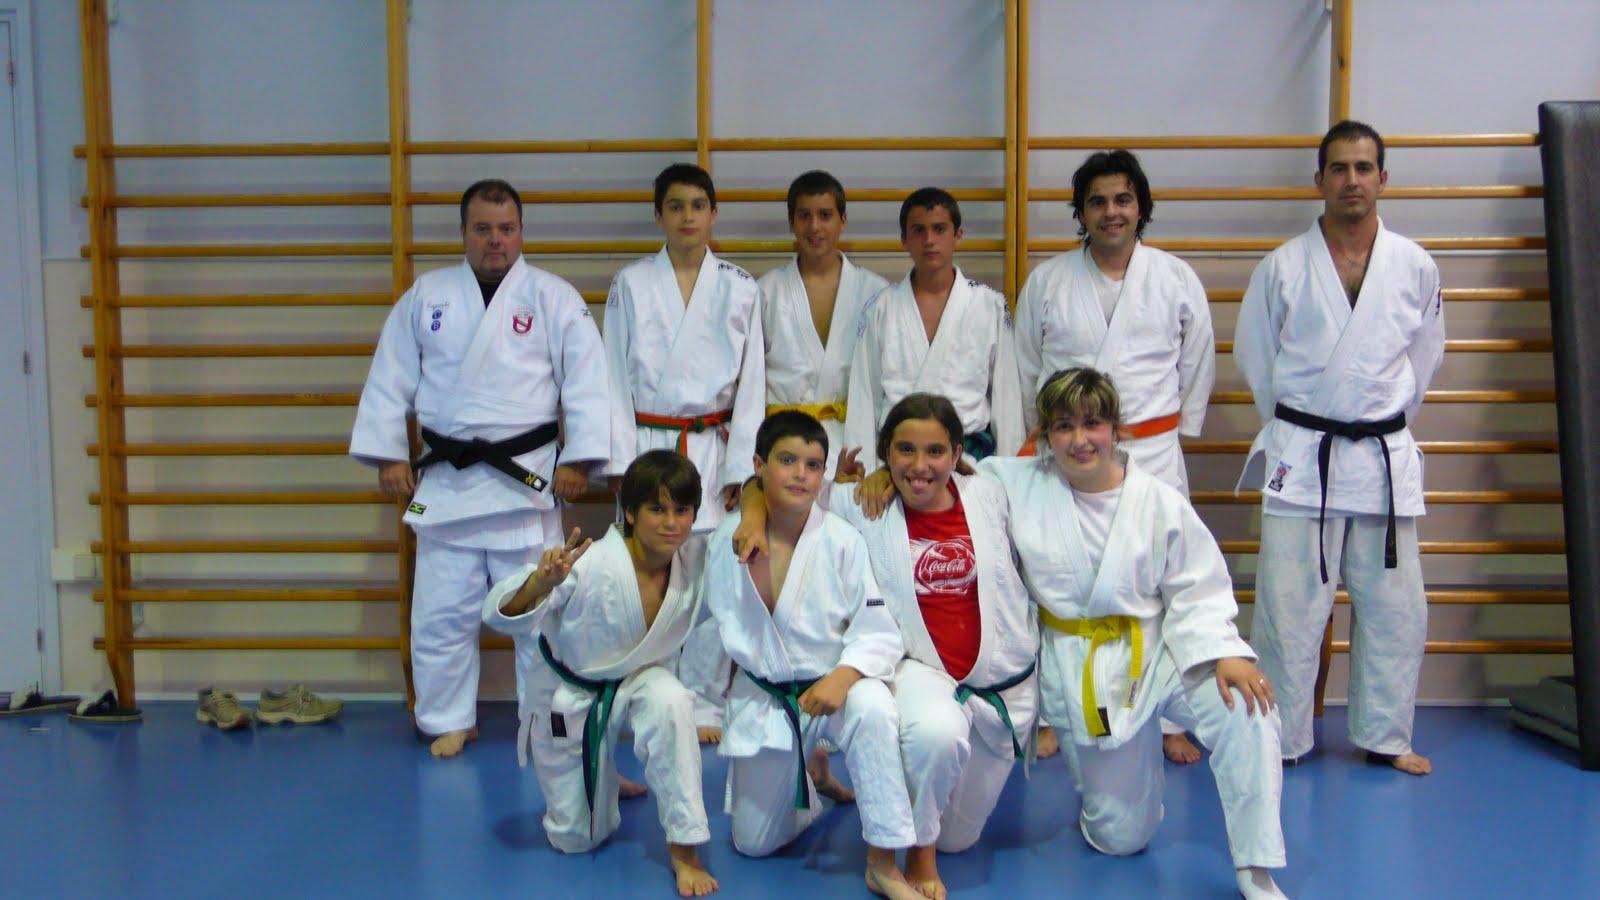 Canyelles 2008-2009